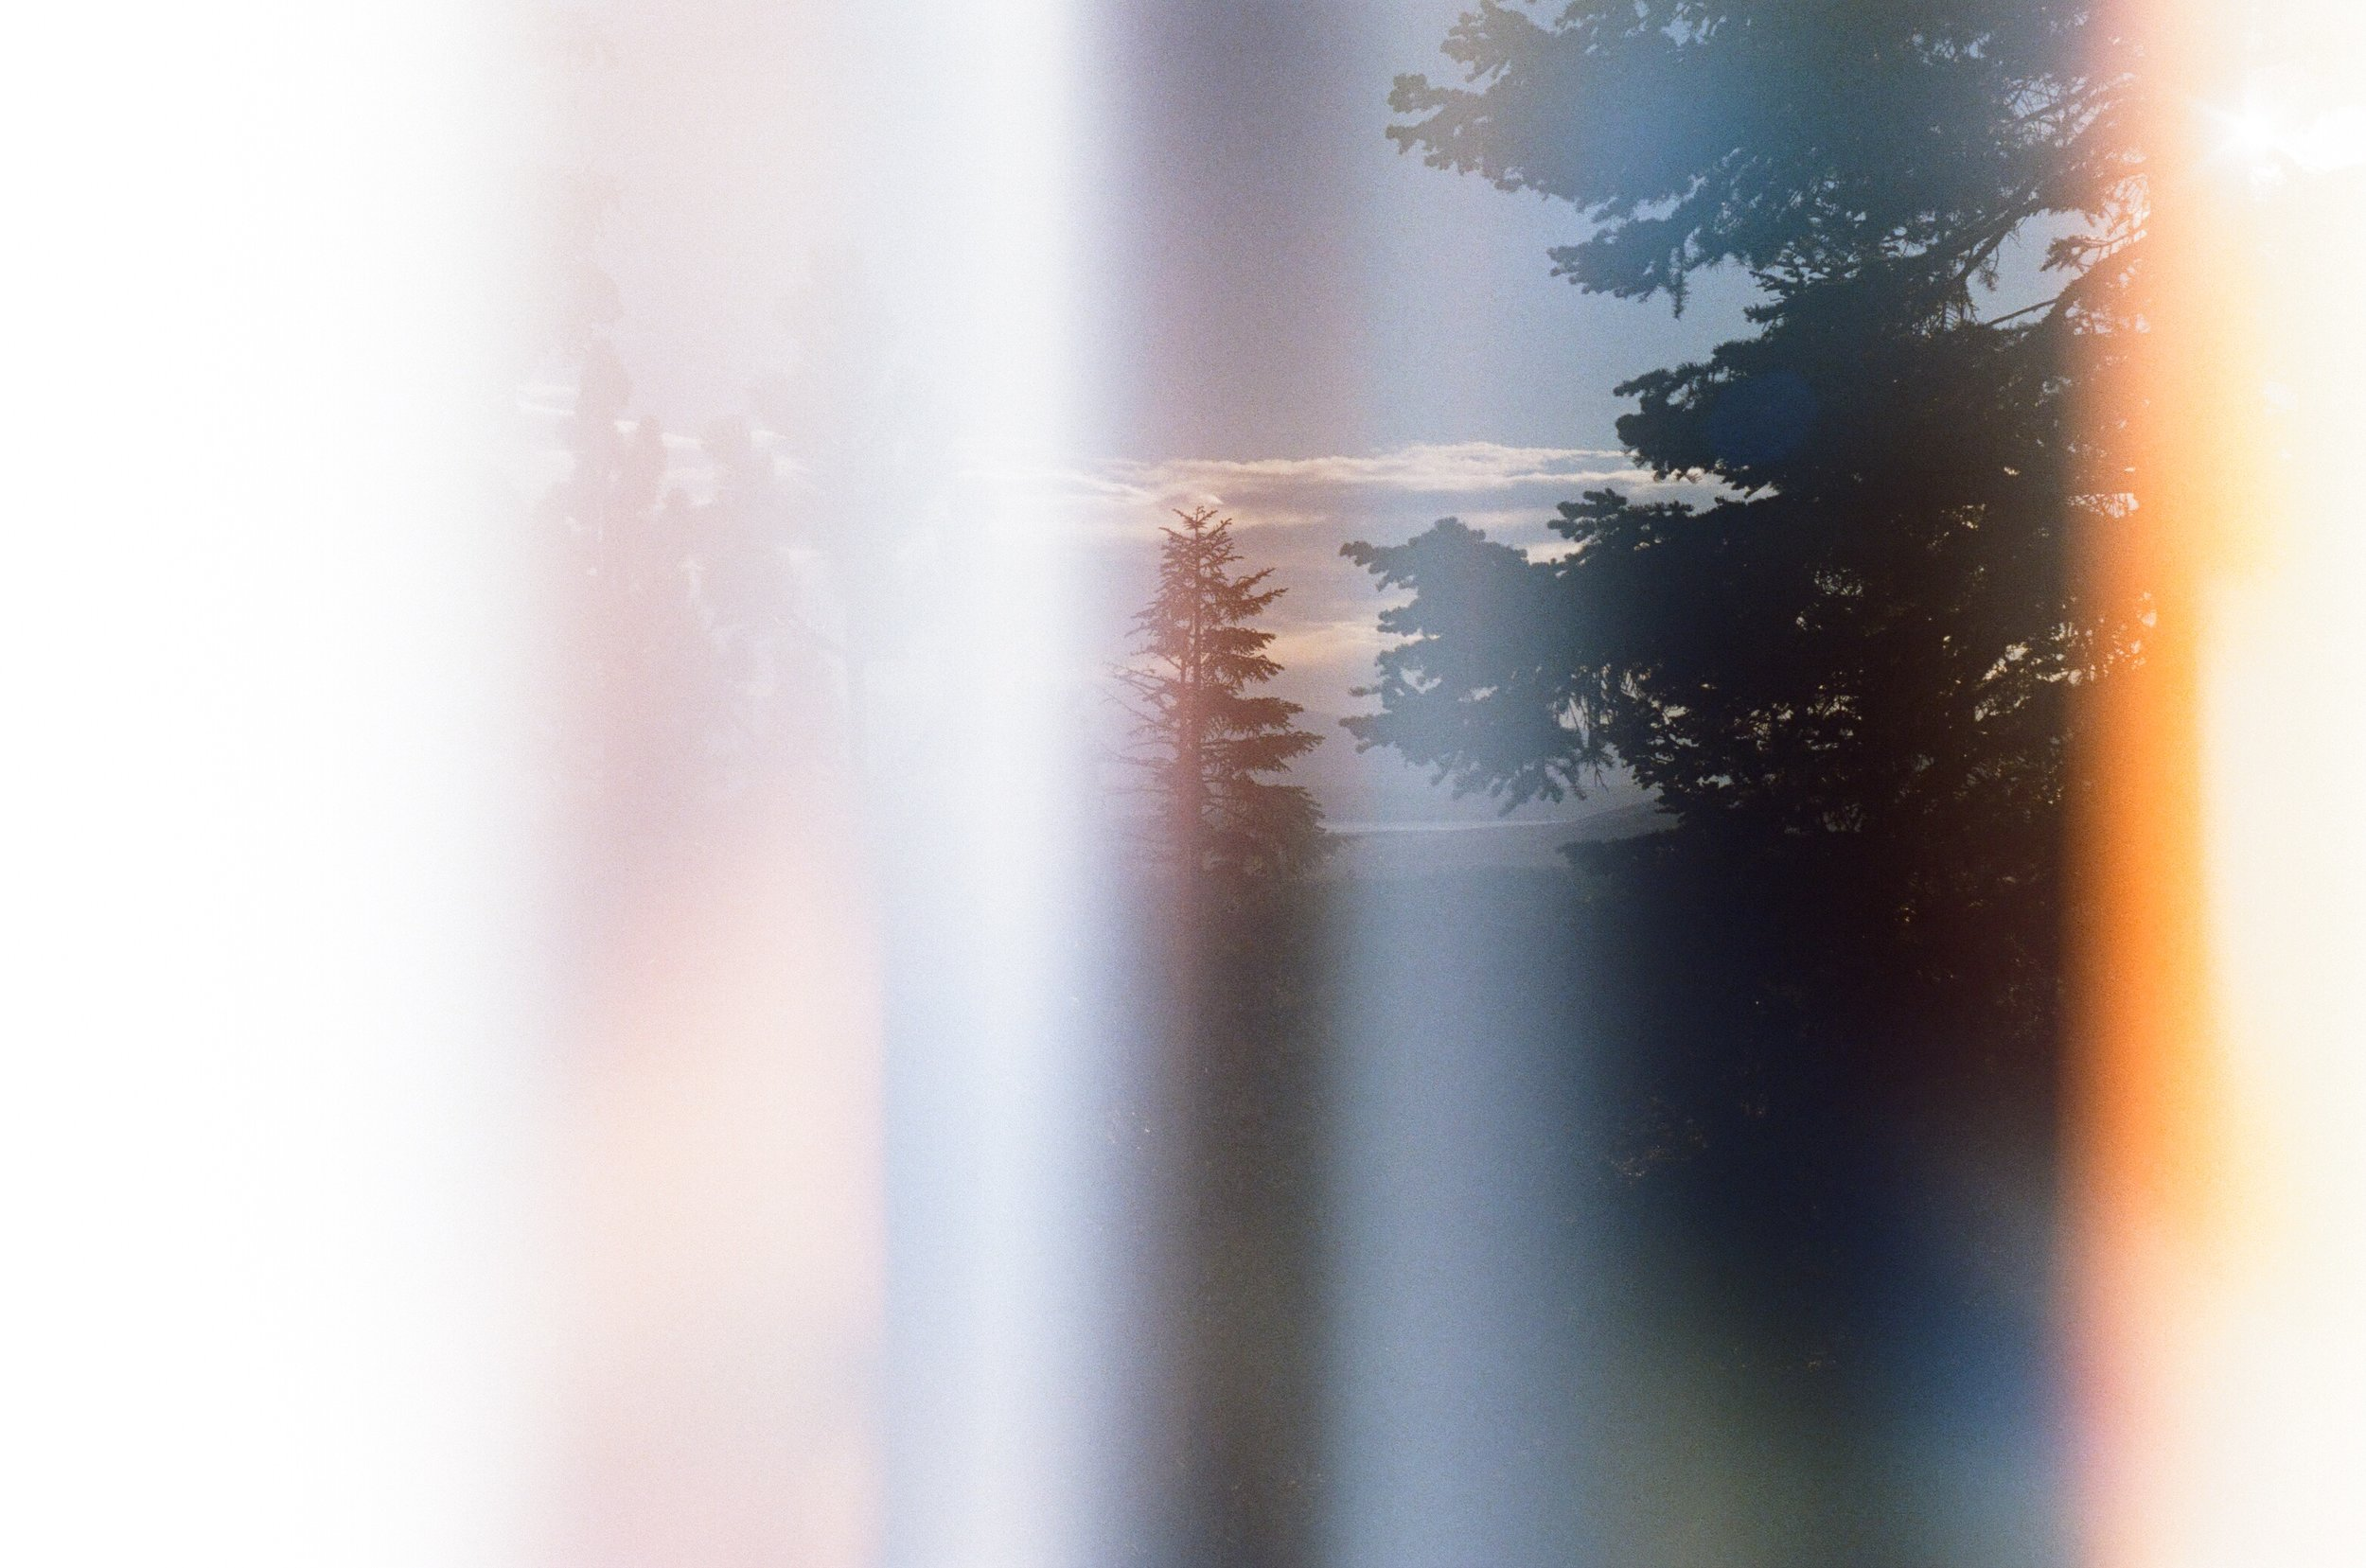 84660001.jpg